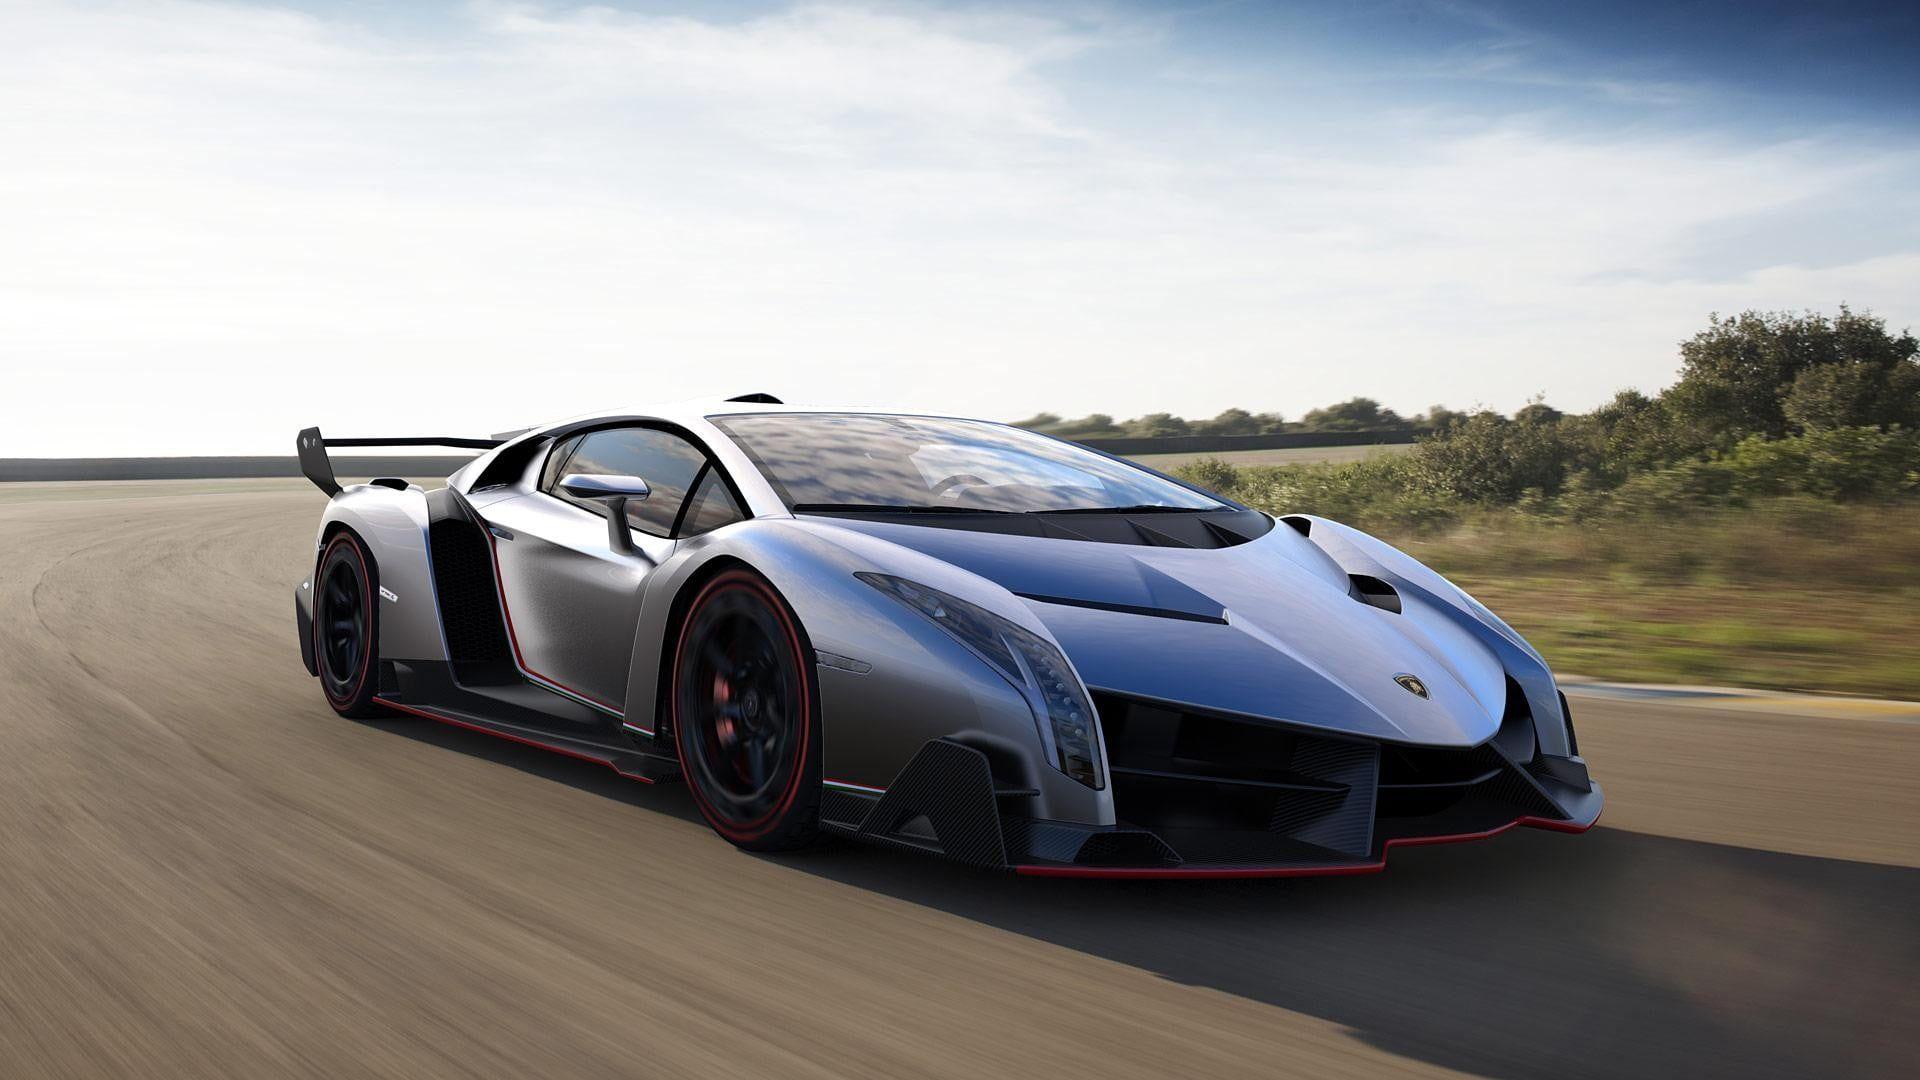 Tough Times At Wayne Manor Lamborghini Veneno Roadster For Sale At